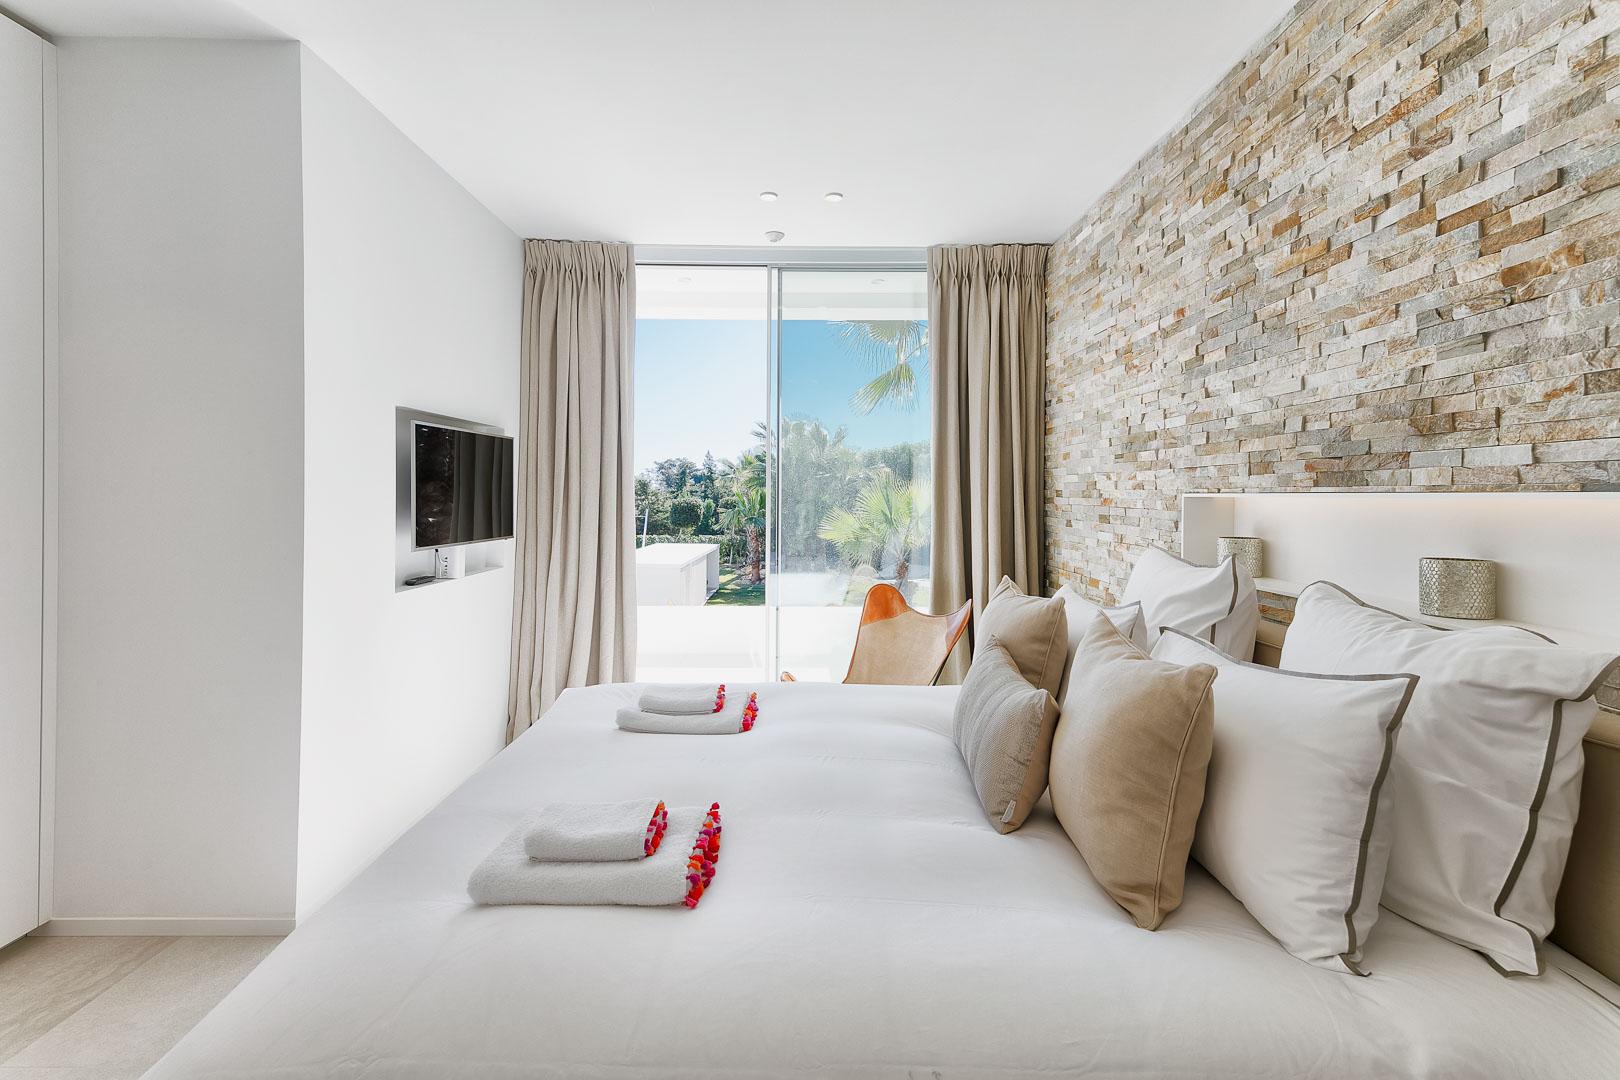 fotografía villa privada del interior del dormitorio en Ibiza